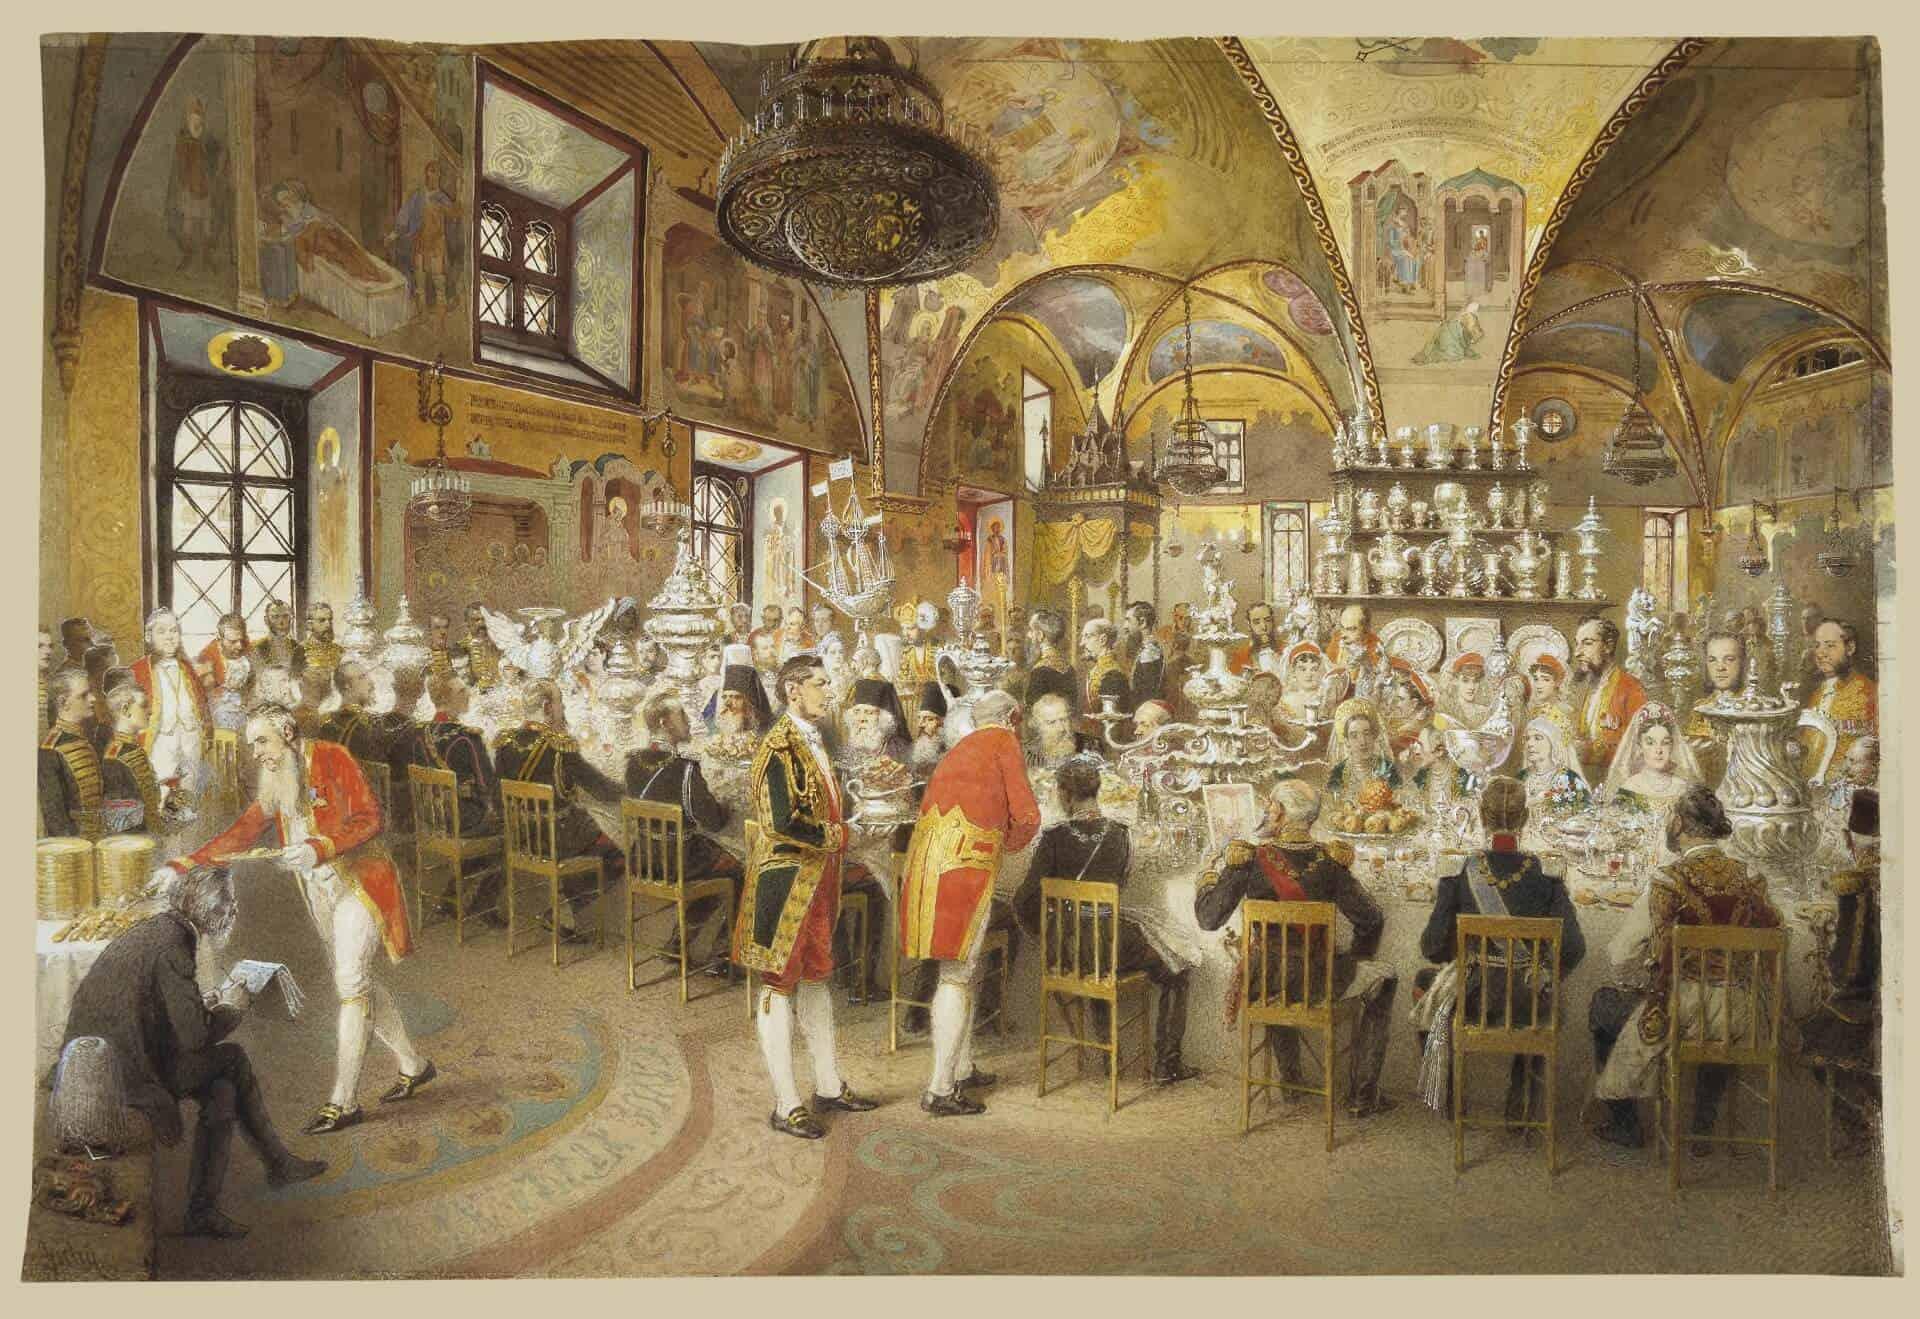 М. А. Зичи. Торжественный обед в Грановитой палате. 1883 г.